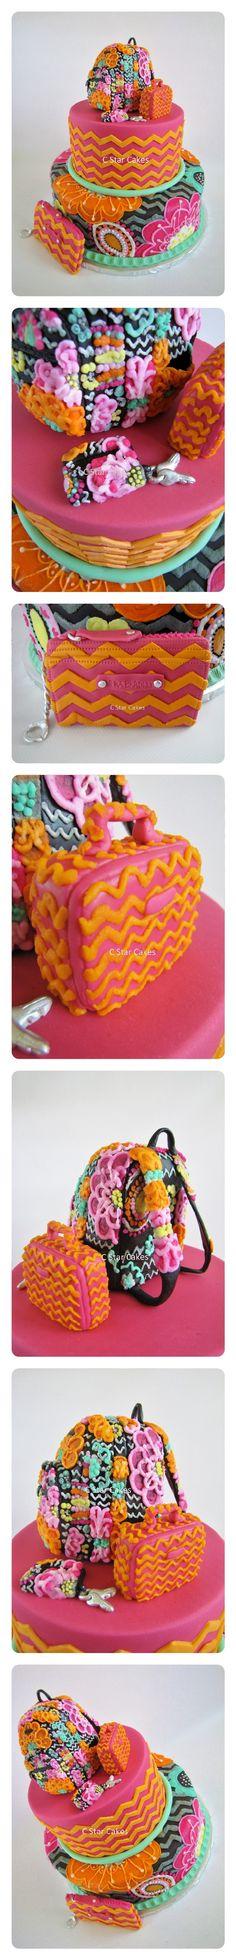 Vera Bradley Ziggy Zinnia cake by C Star Cakes